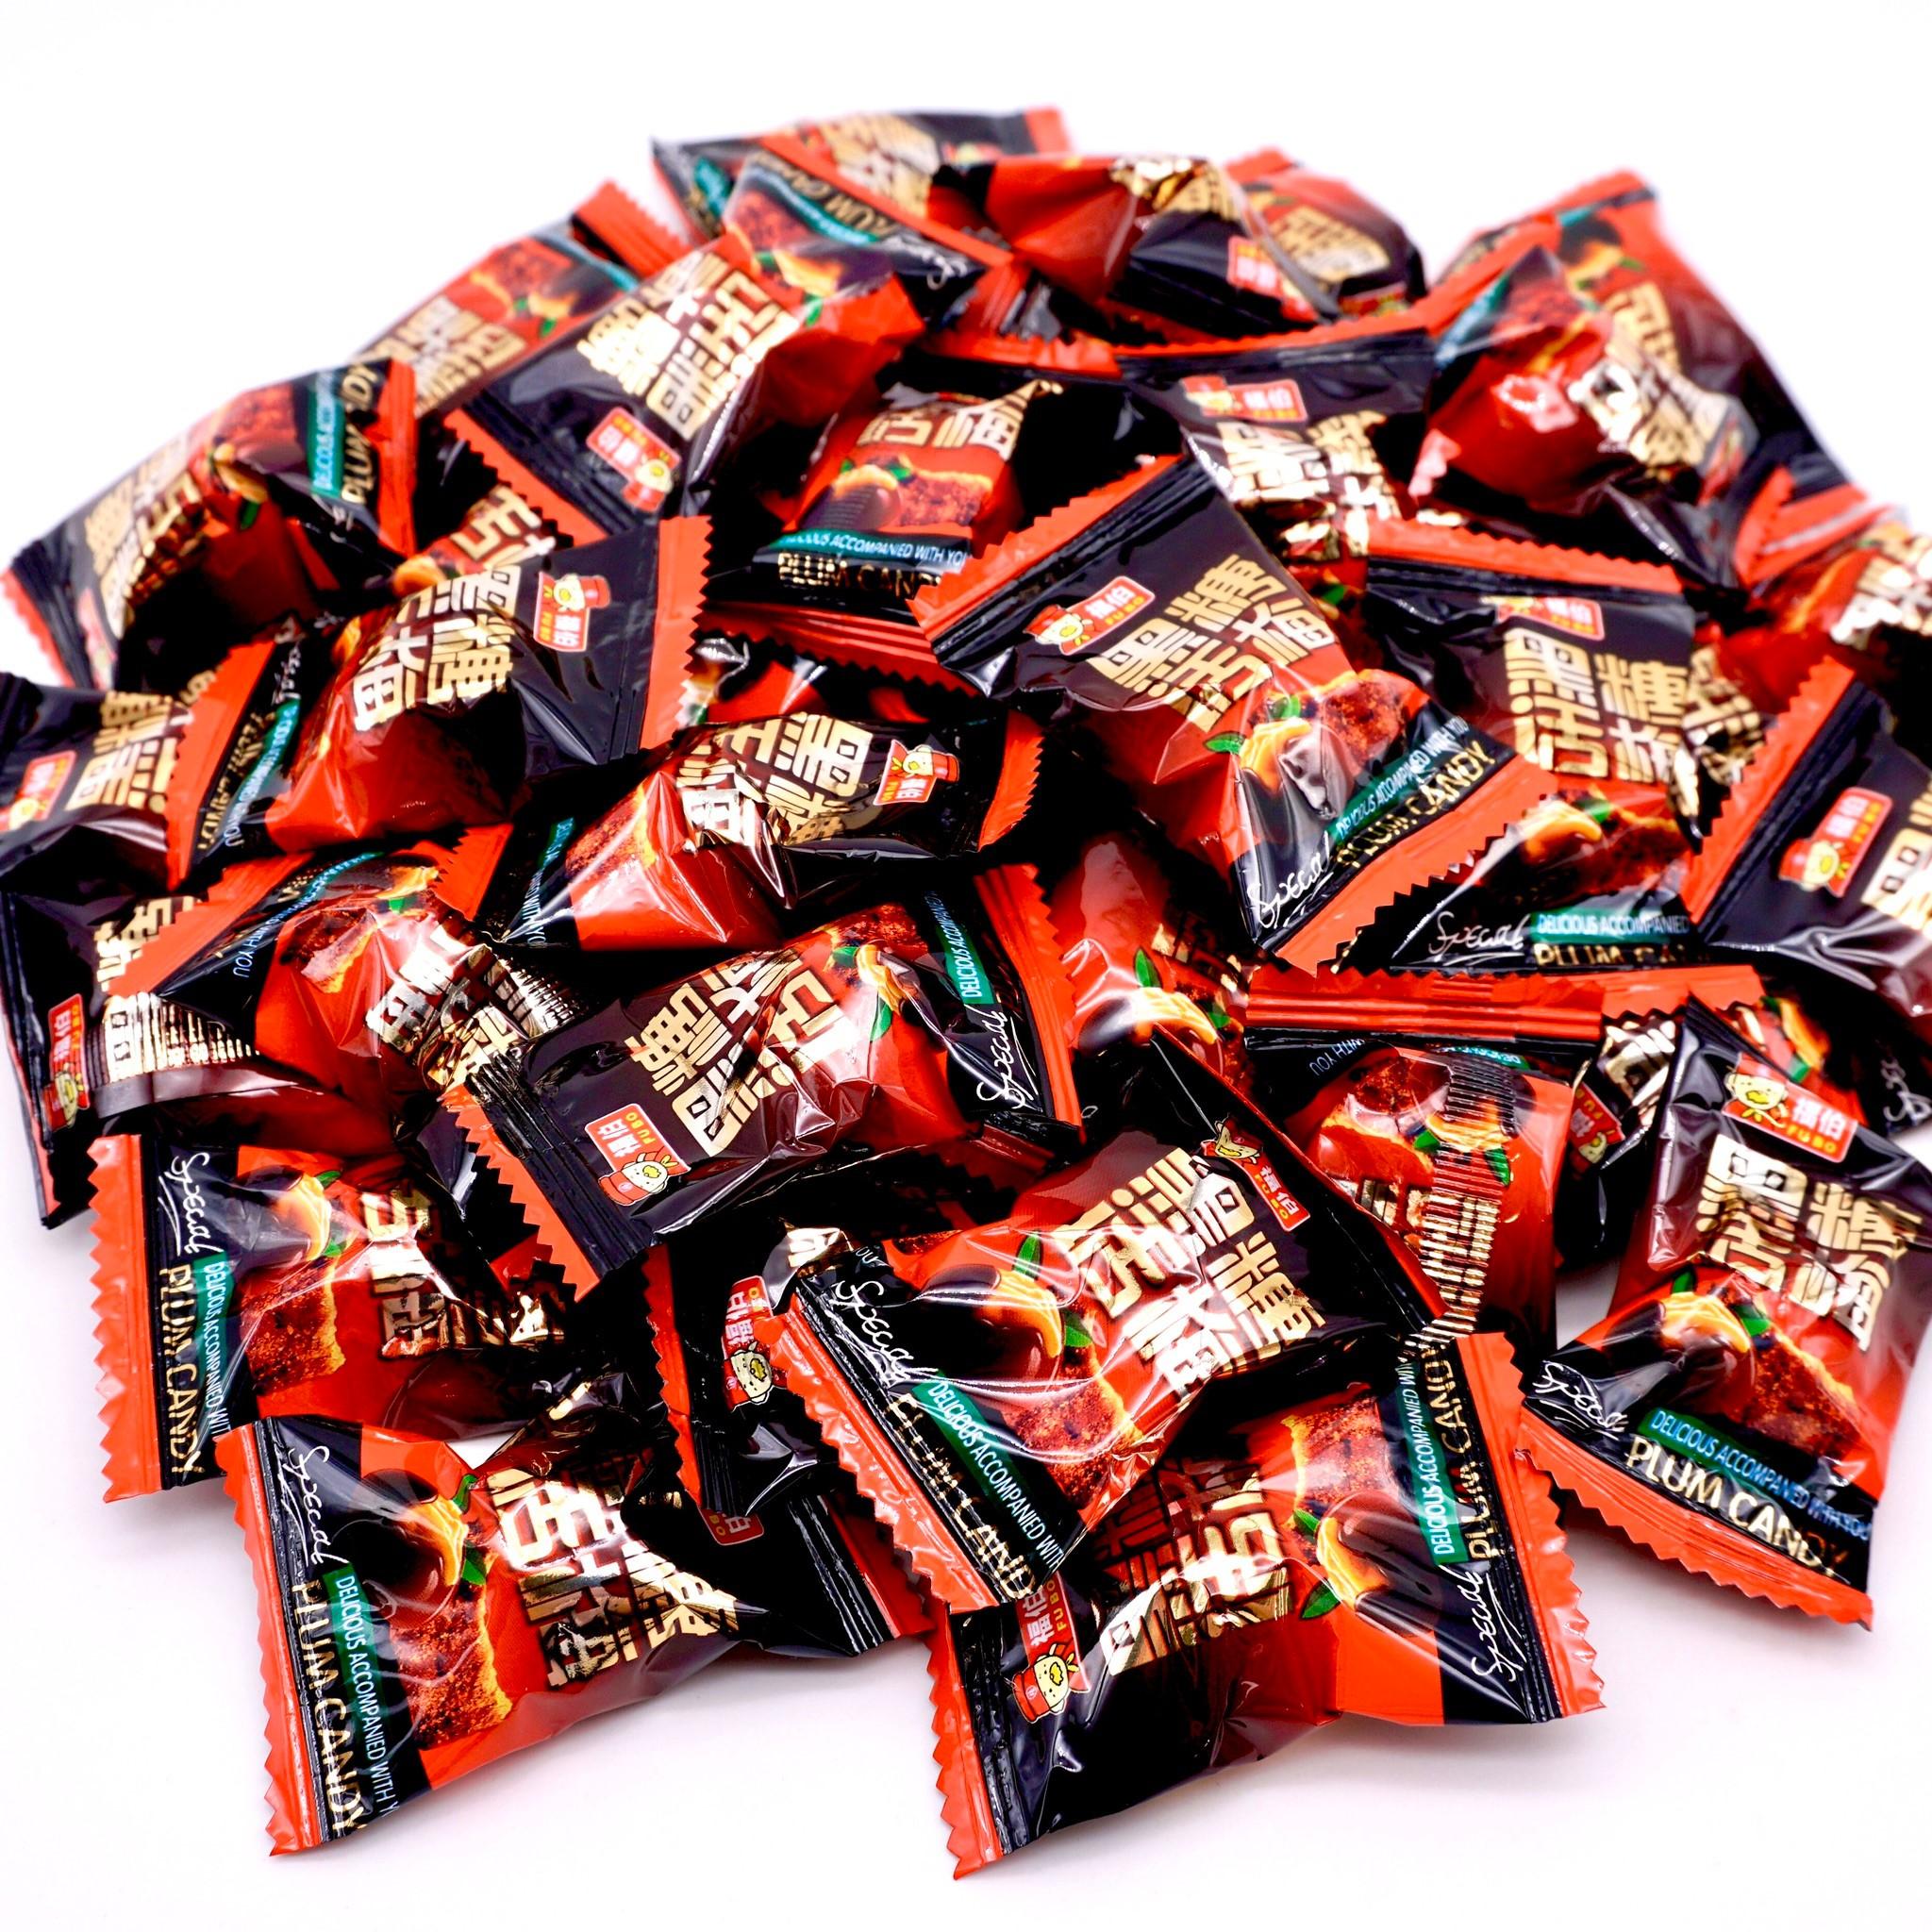 嘴甜甜 黑糖話梅 200公克 糖果系列 黑糖化梅 黑糖活梅 黑糖梅 梅心糖 黑糖 梅子 糖果 喜糖 素食 現貨